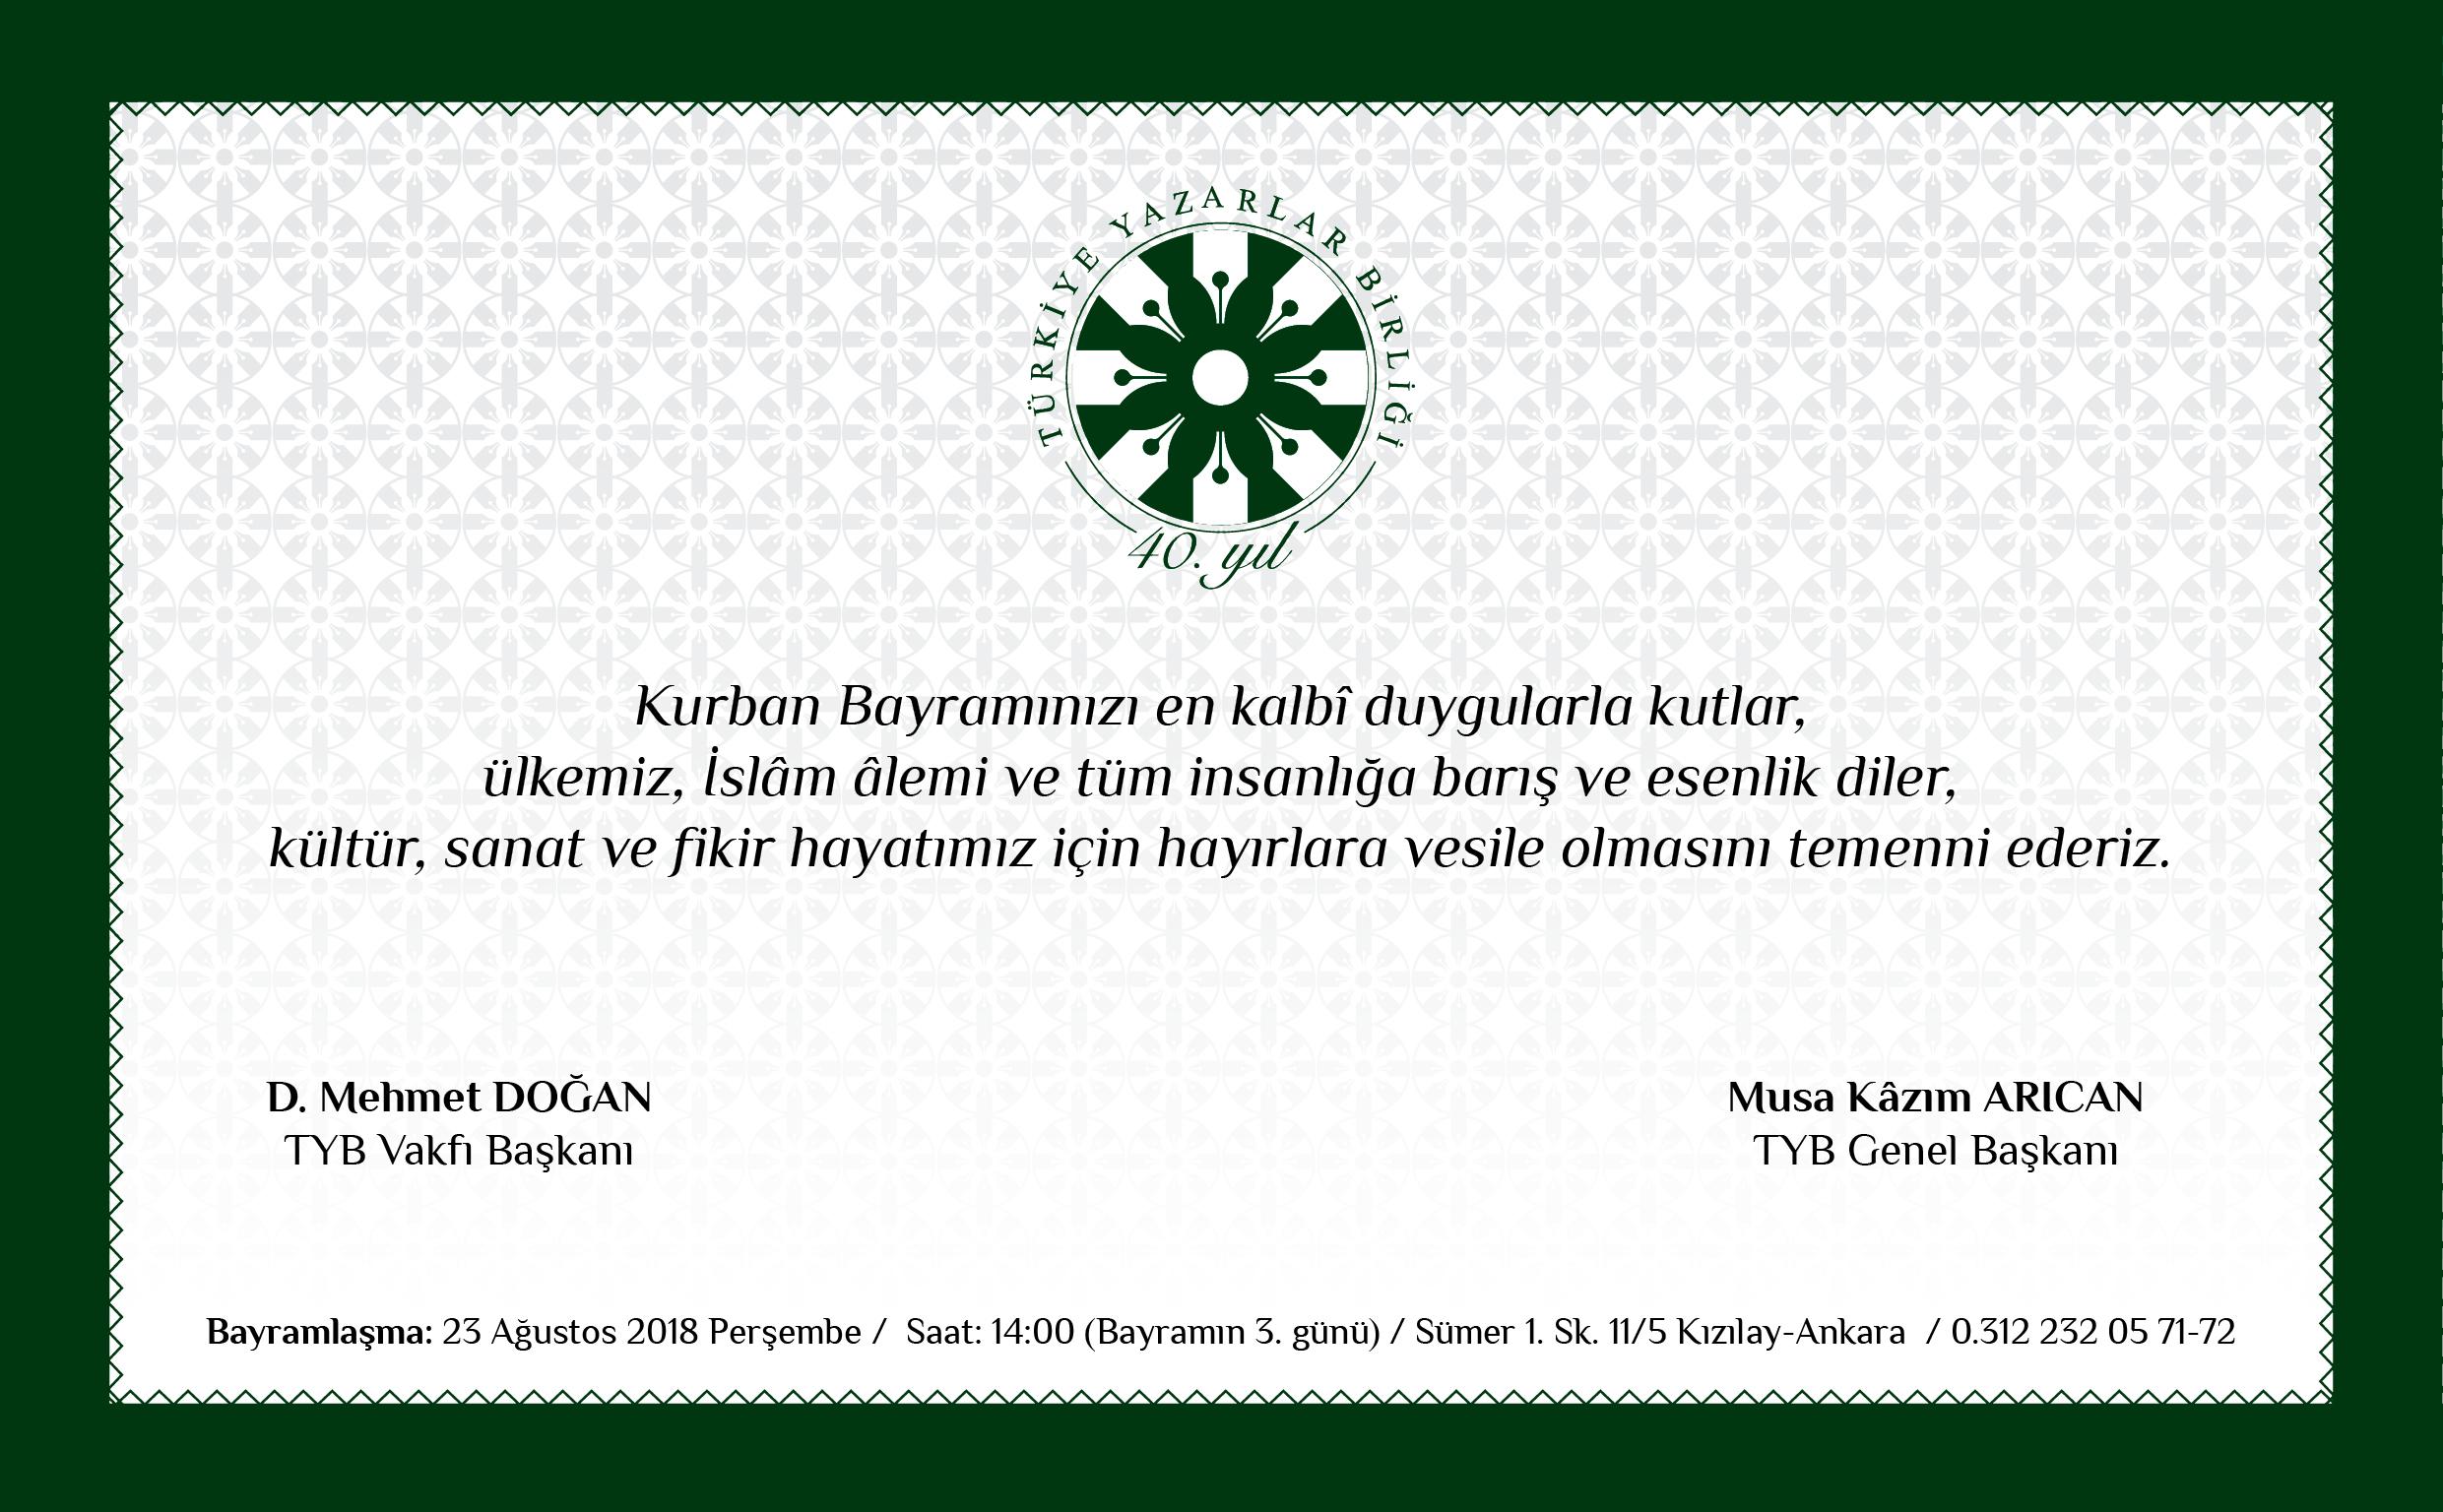 kurbanbayrami-001.jpg